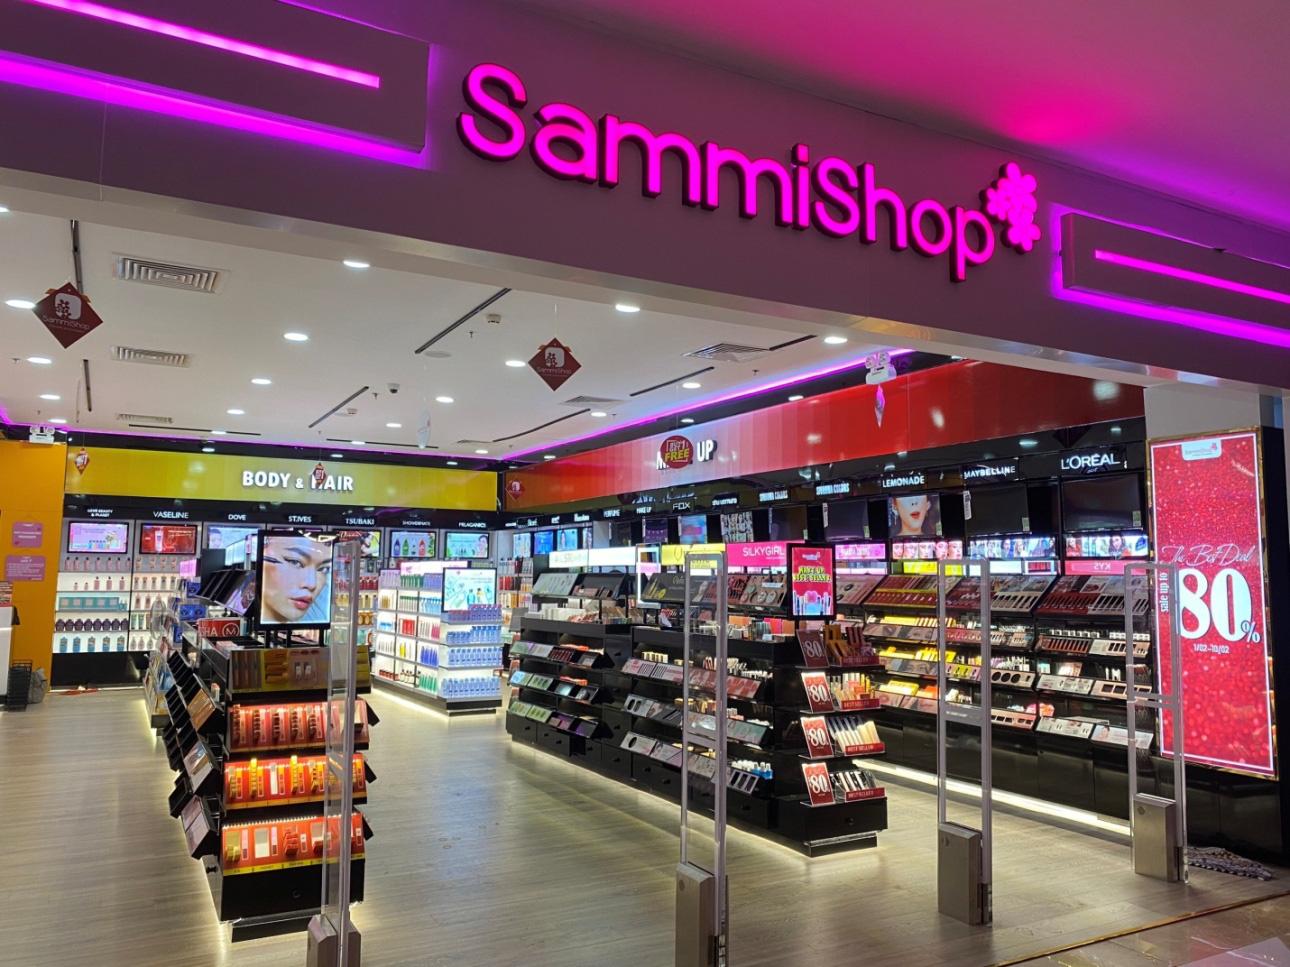 """Sammi Shop khiến giới trẻ """"phấn khích"""" trước loạt khuyến mãi mua 1 tặng 1 nhân dịp khai trương 2 cửa hàng mới tại Vincom - Ảnh 6."""